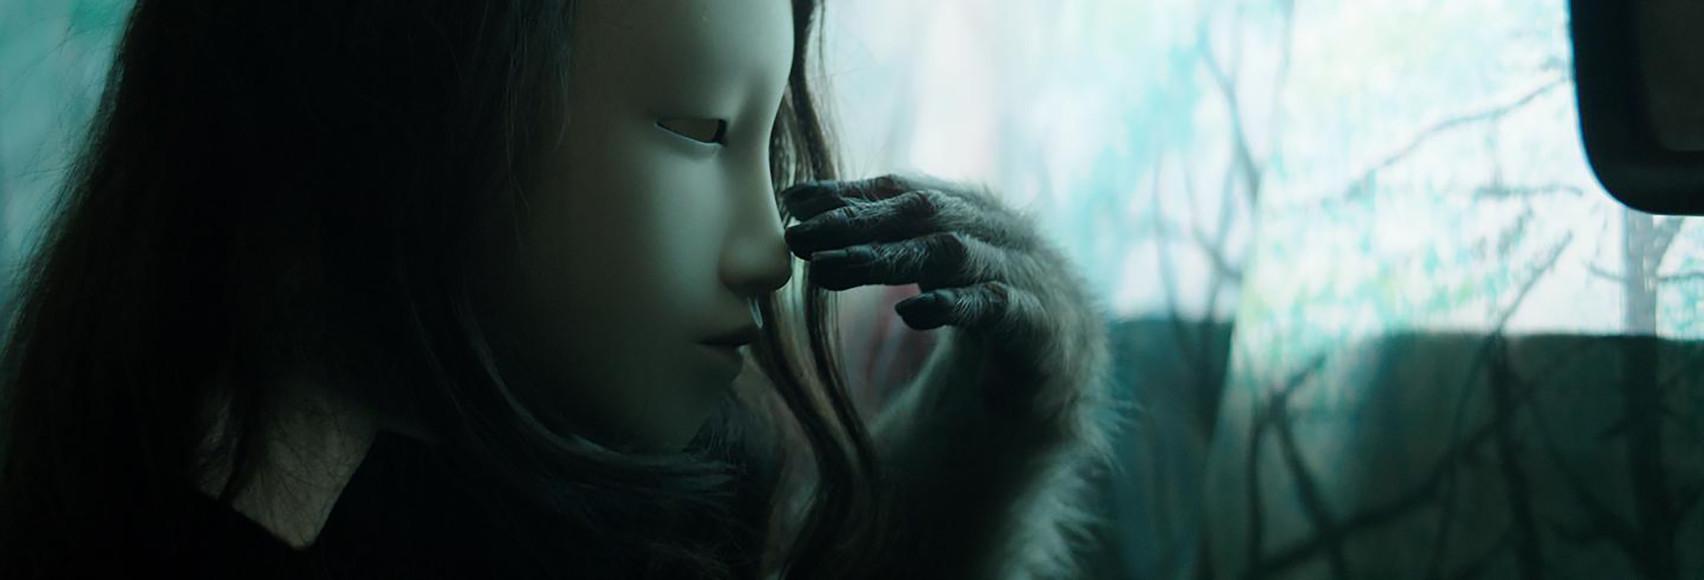 Пьер Юиг. «Без названия (Человеческая маска)», 2014